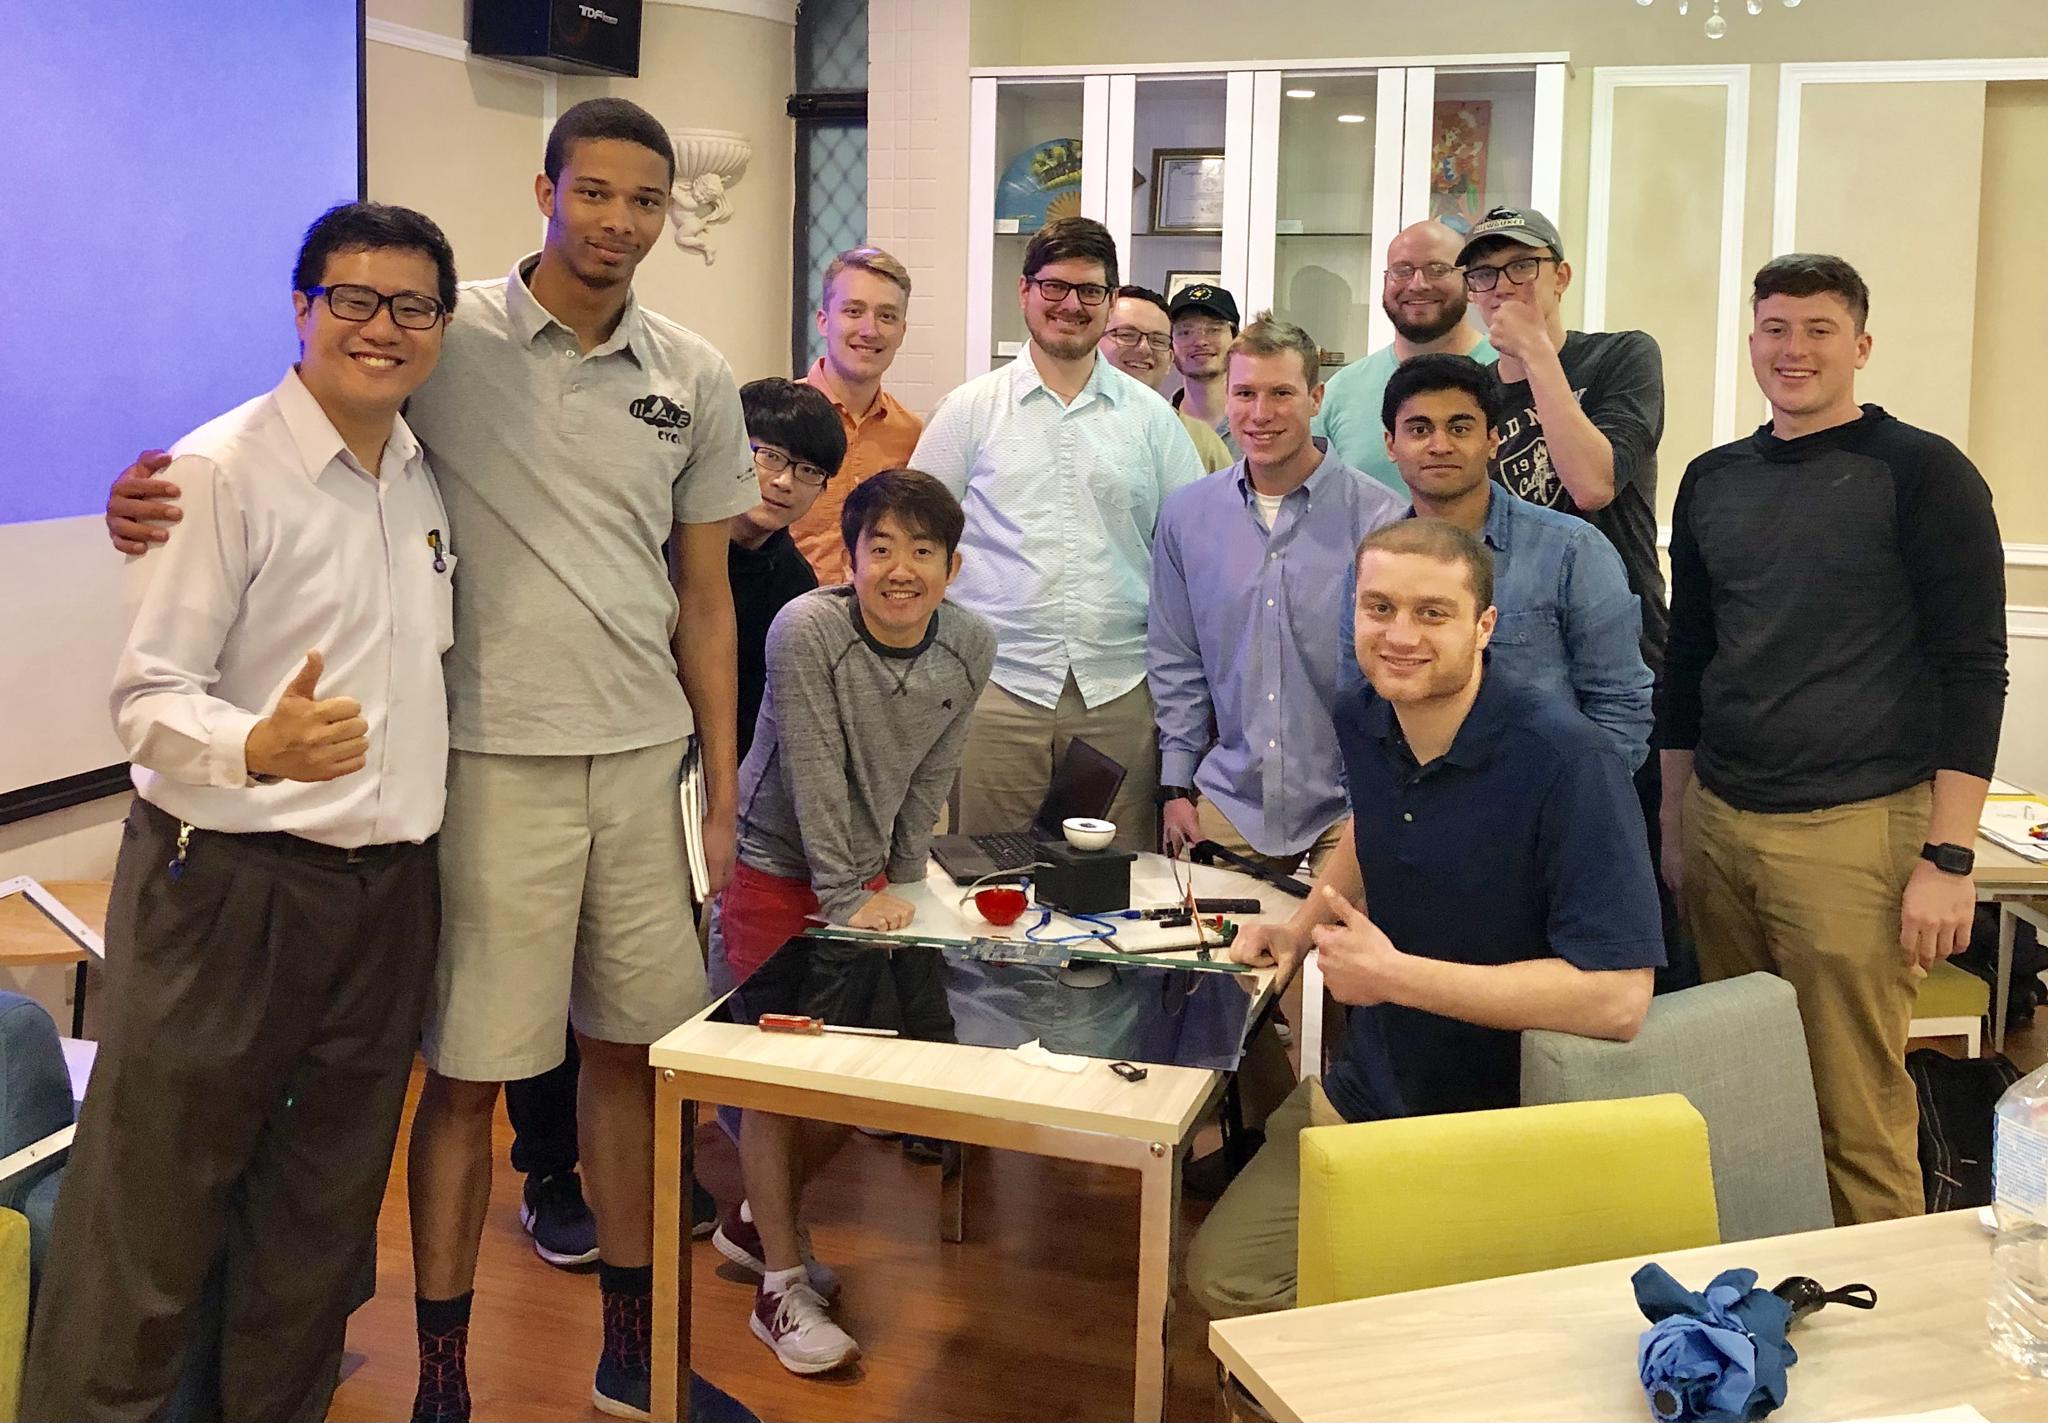 中原大學為鴻海培育國際人才 美國UWM大學交換生抵台跨國學習